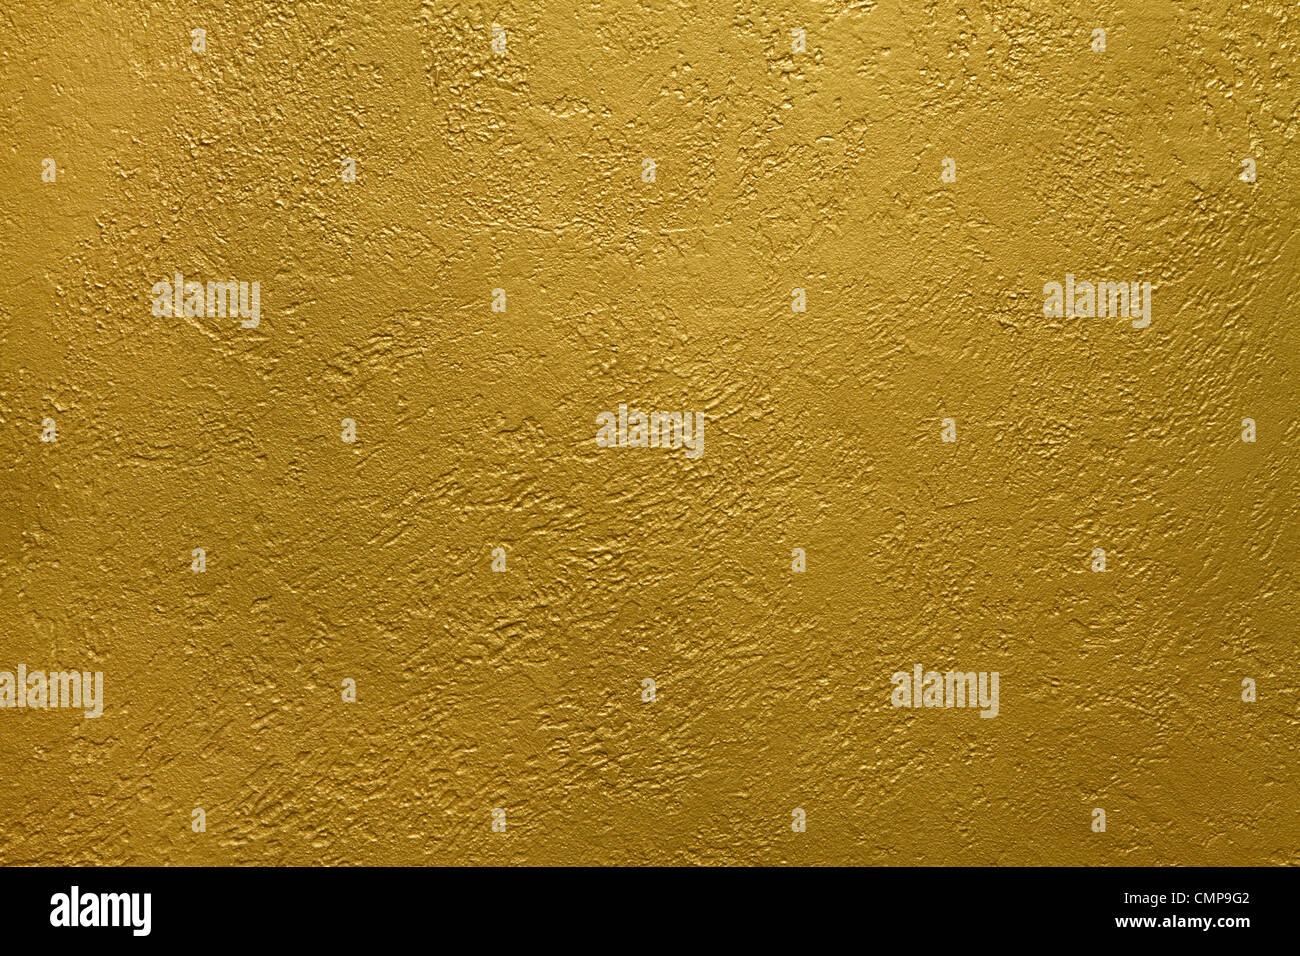 La textura de un muro de cemento cubierto con pintura de oro Imagen De Stock